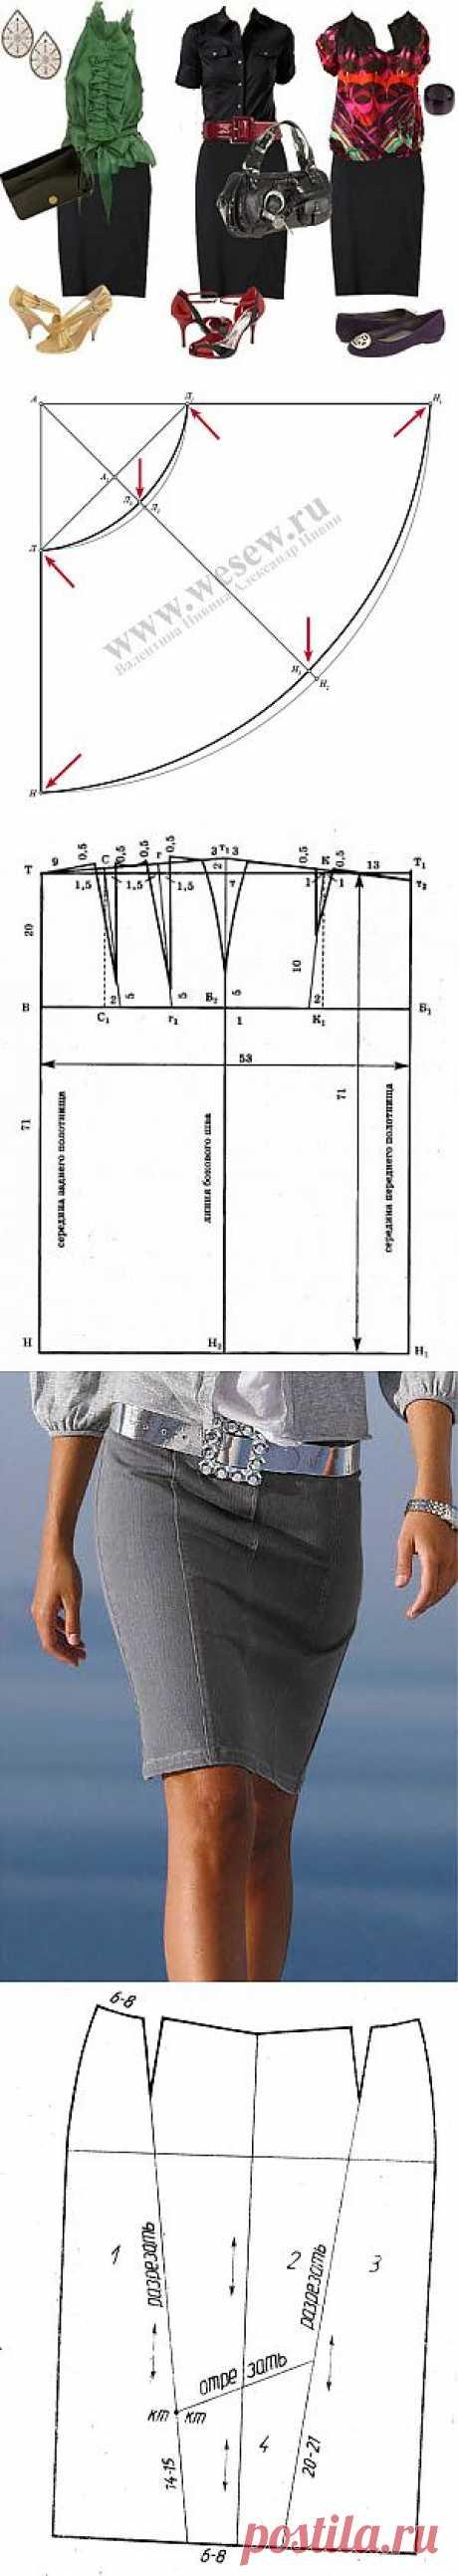 модели юбок с выкройками